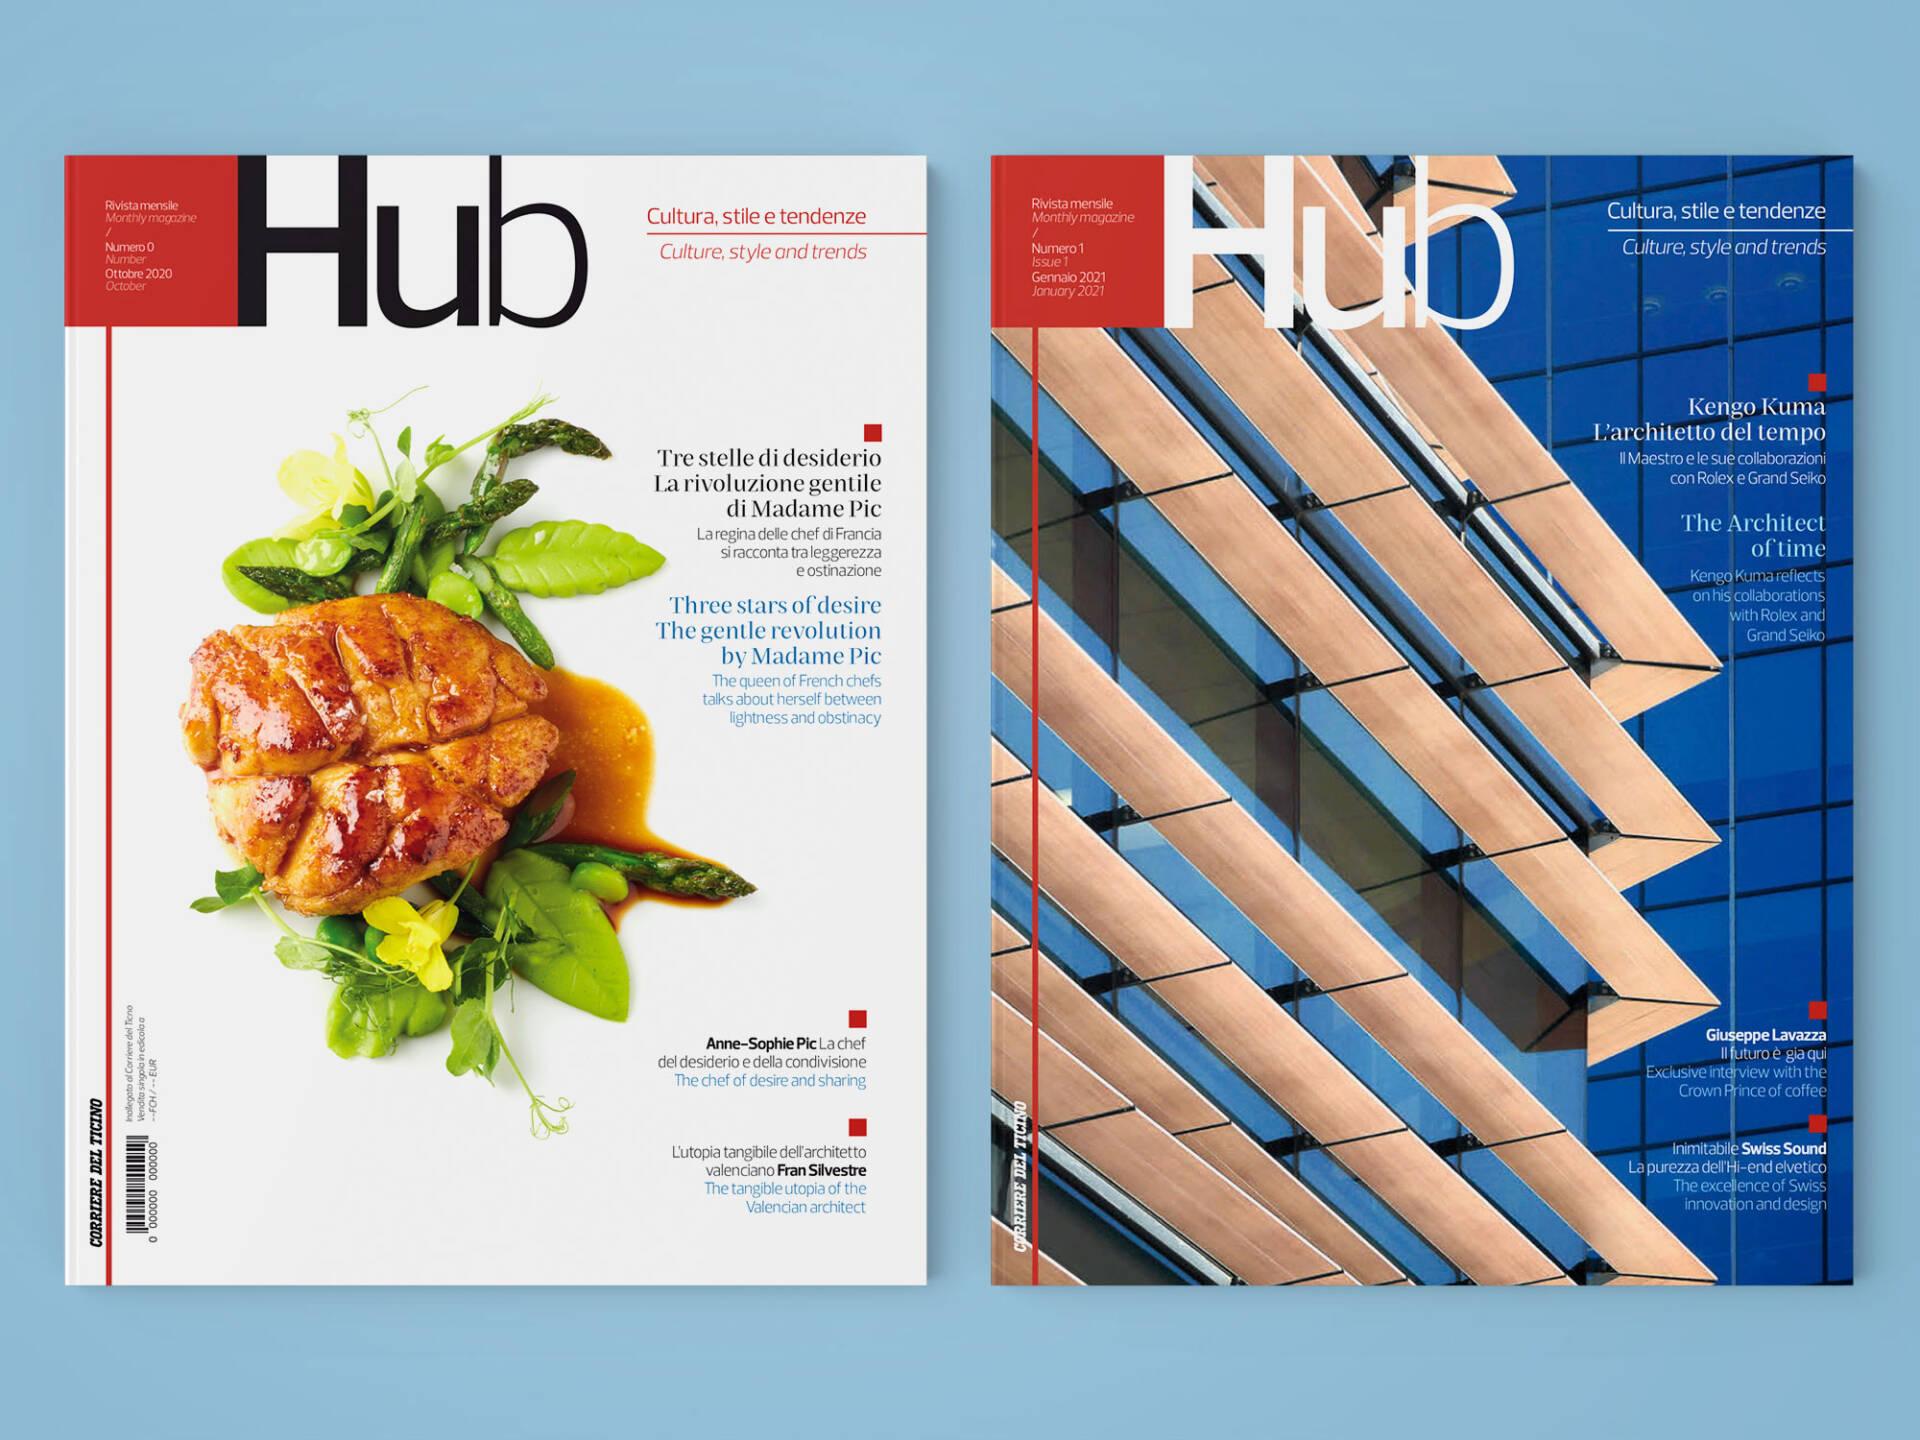 HUB_1B_CdT_Wenceslau_News_Design